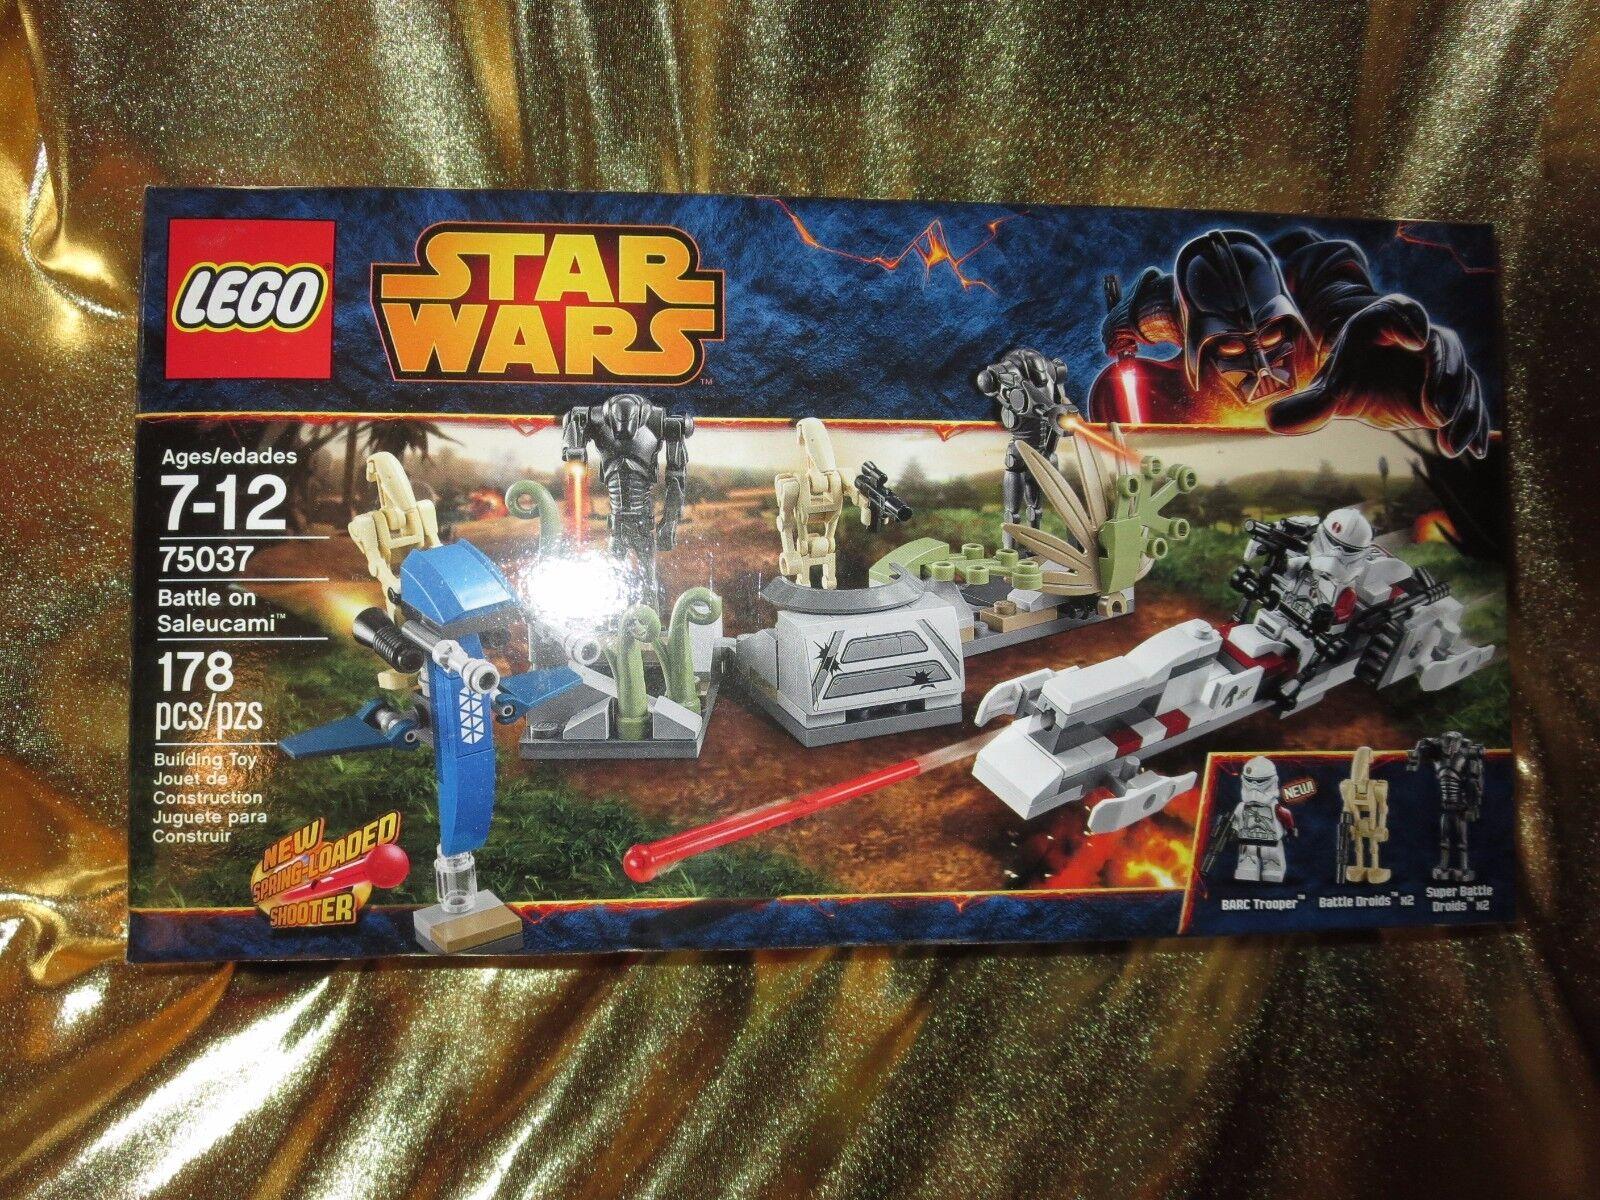 Star Wars BaTaille  en Saleucami Lego Set 178 Piezas Nuevo 75037 Jubilado Set  pas cher